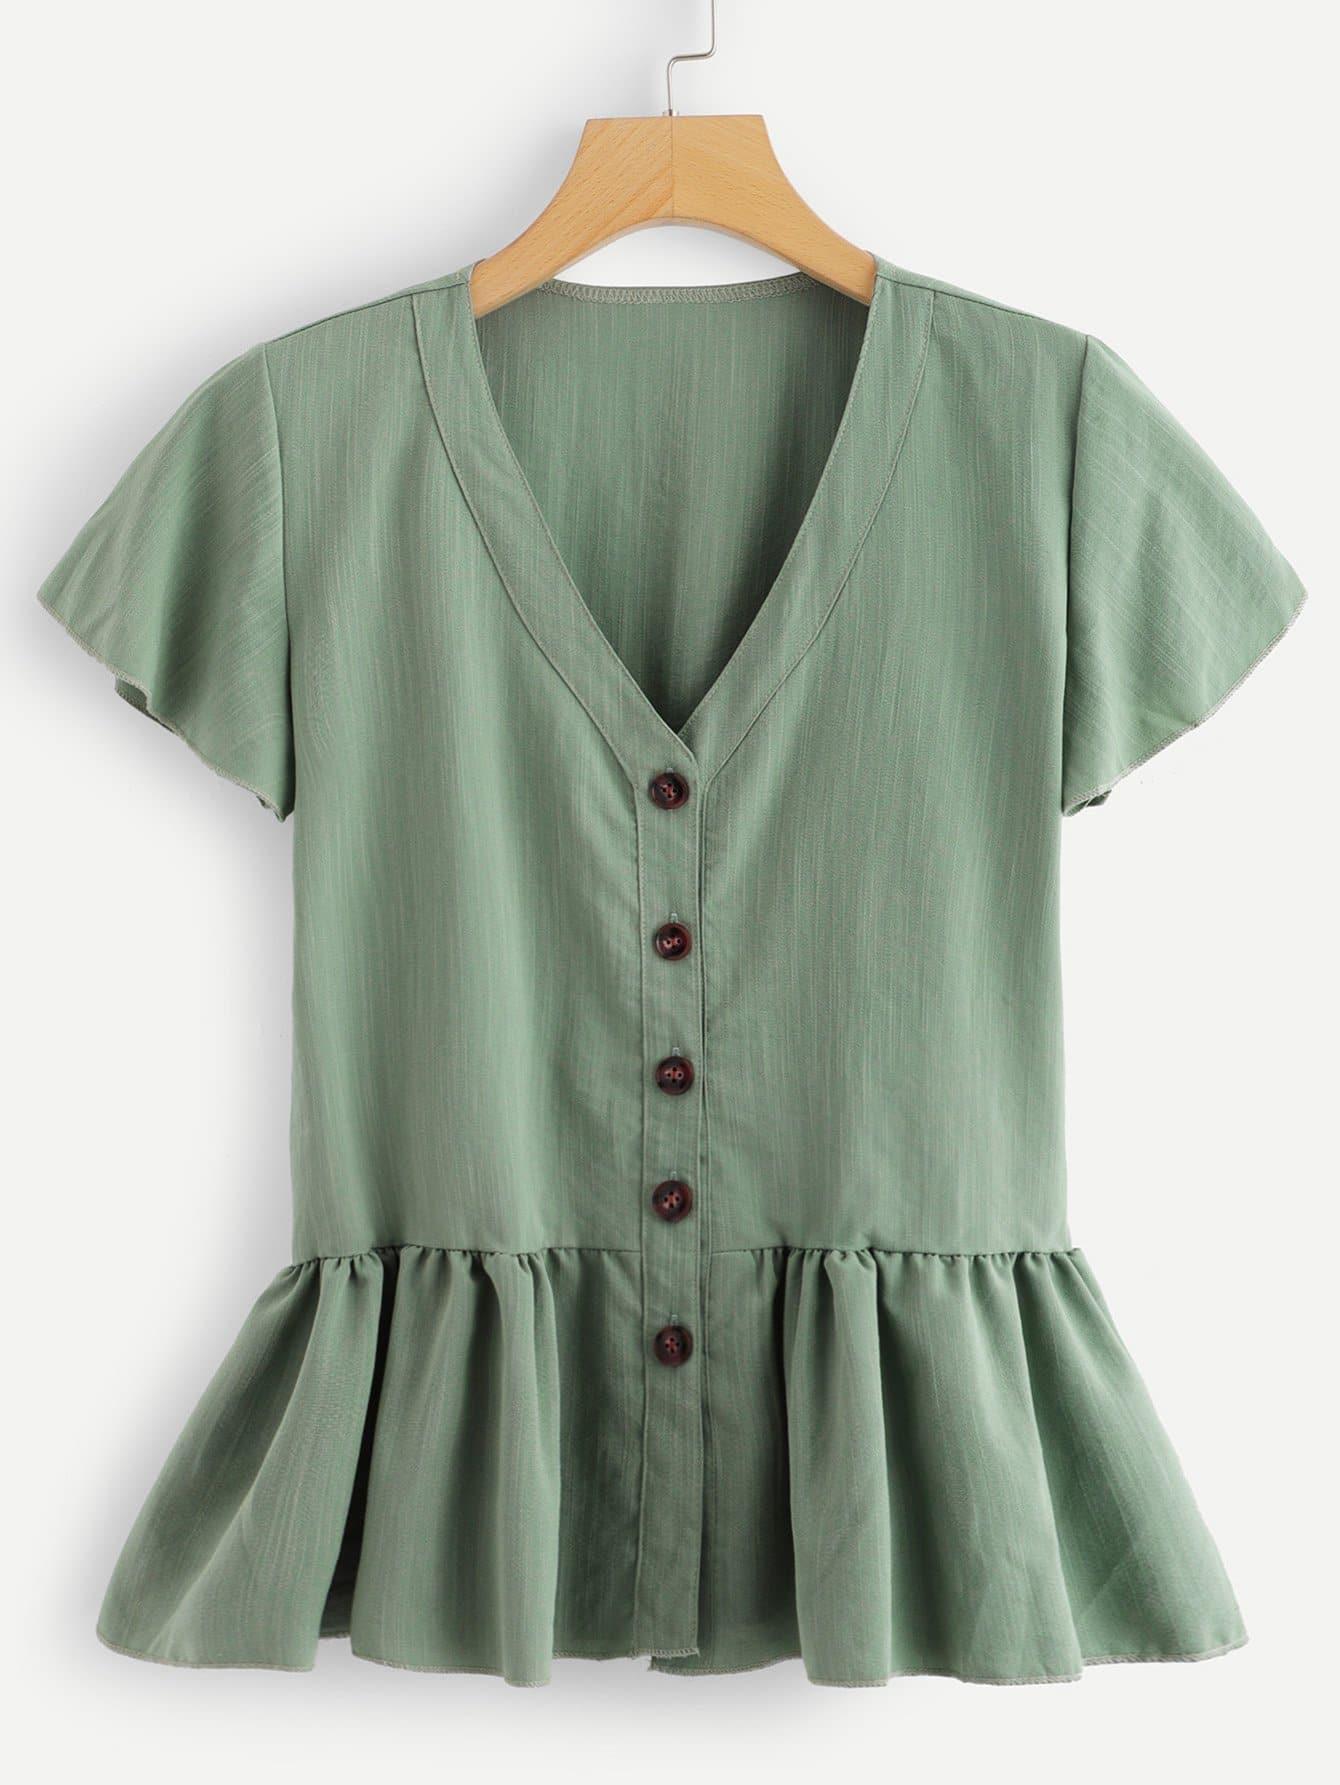 Купить Повседневный Одноцветный Пуговица Зеленый Блузы+рубашки, null, SheIn